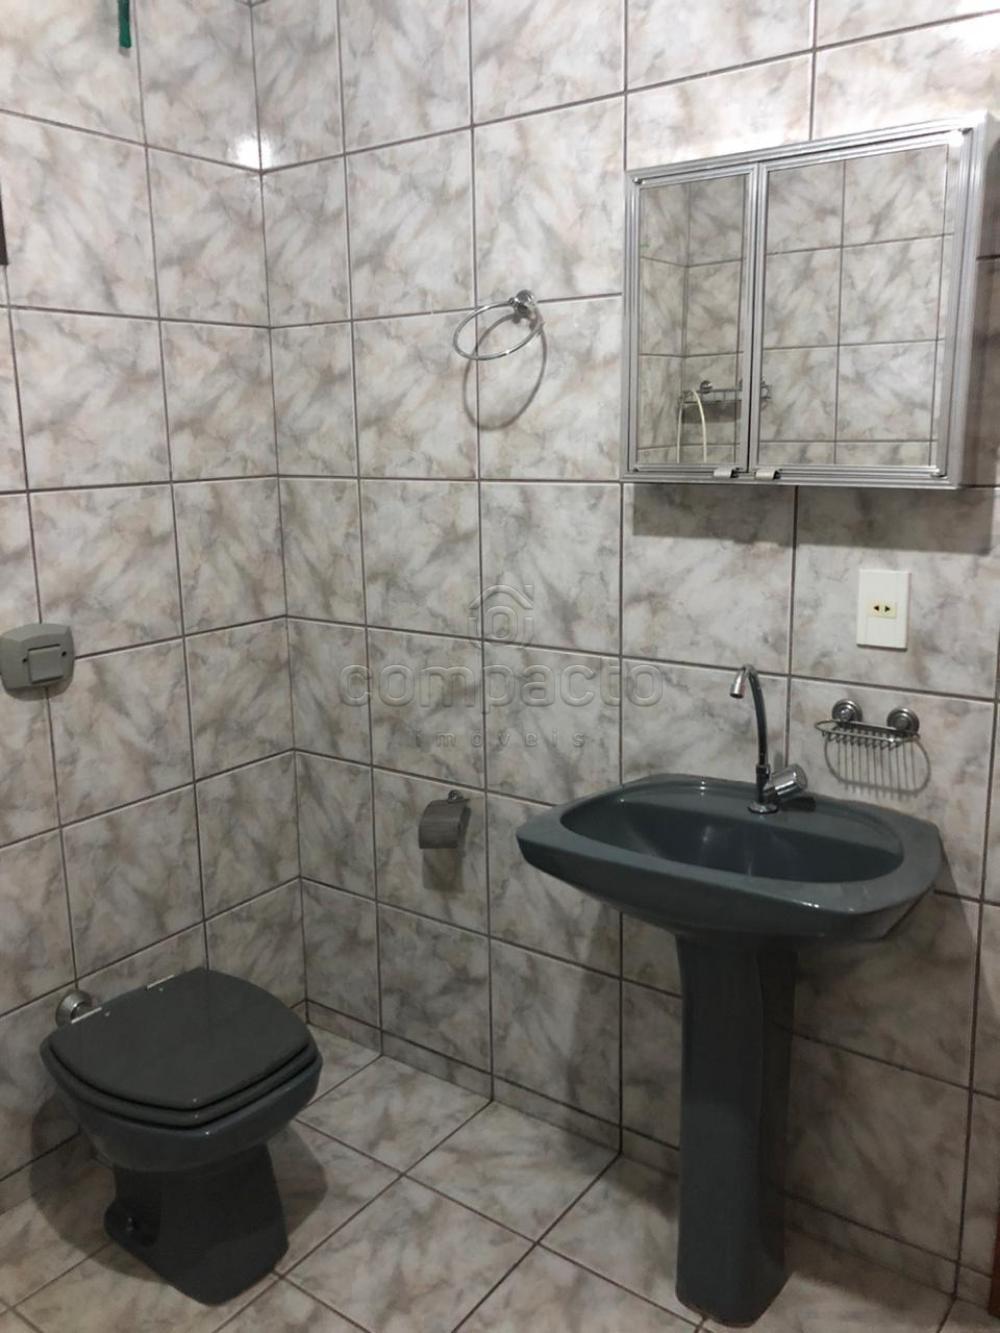 Comprar Casa / Padrão em Mirassol apenas R$ 275.000,00 - Foto 15